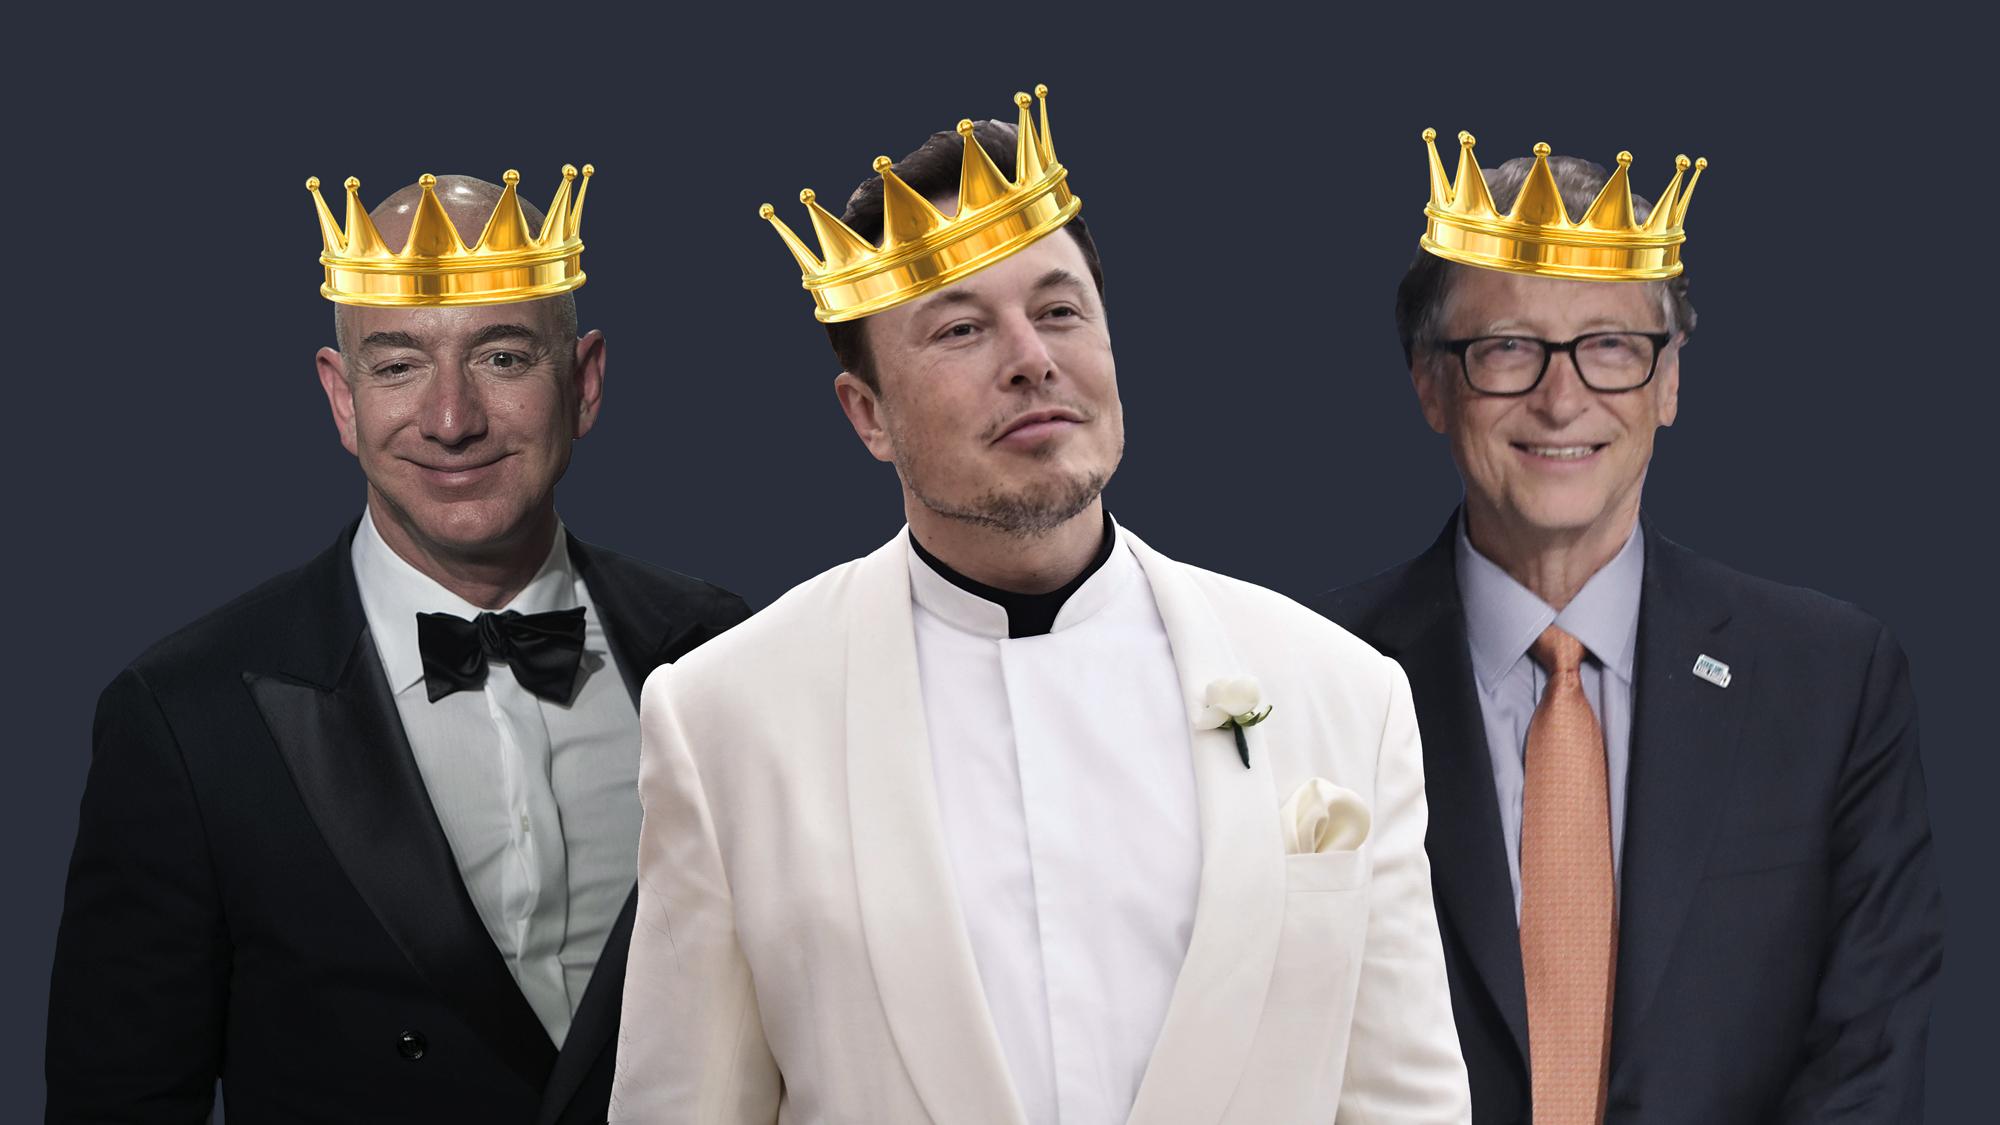 Цифровой гигант. Илон Маск стал вторым богатейшим человеком мира